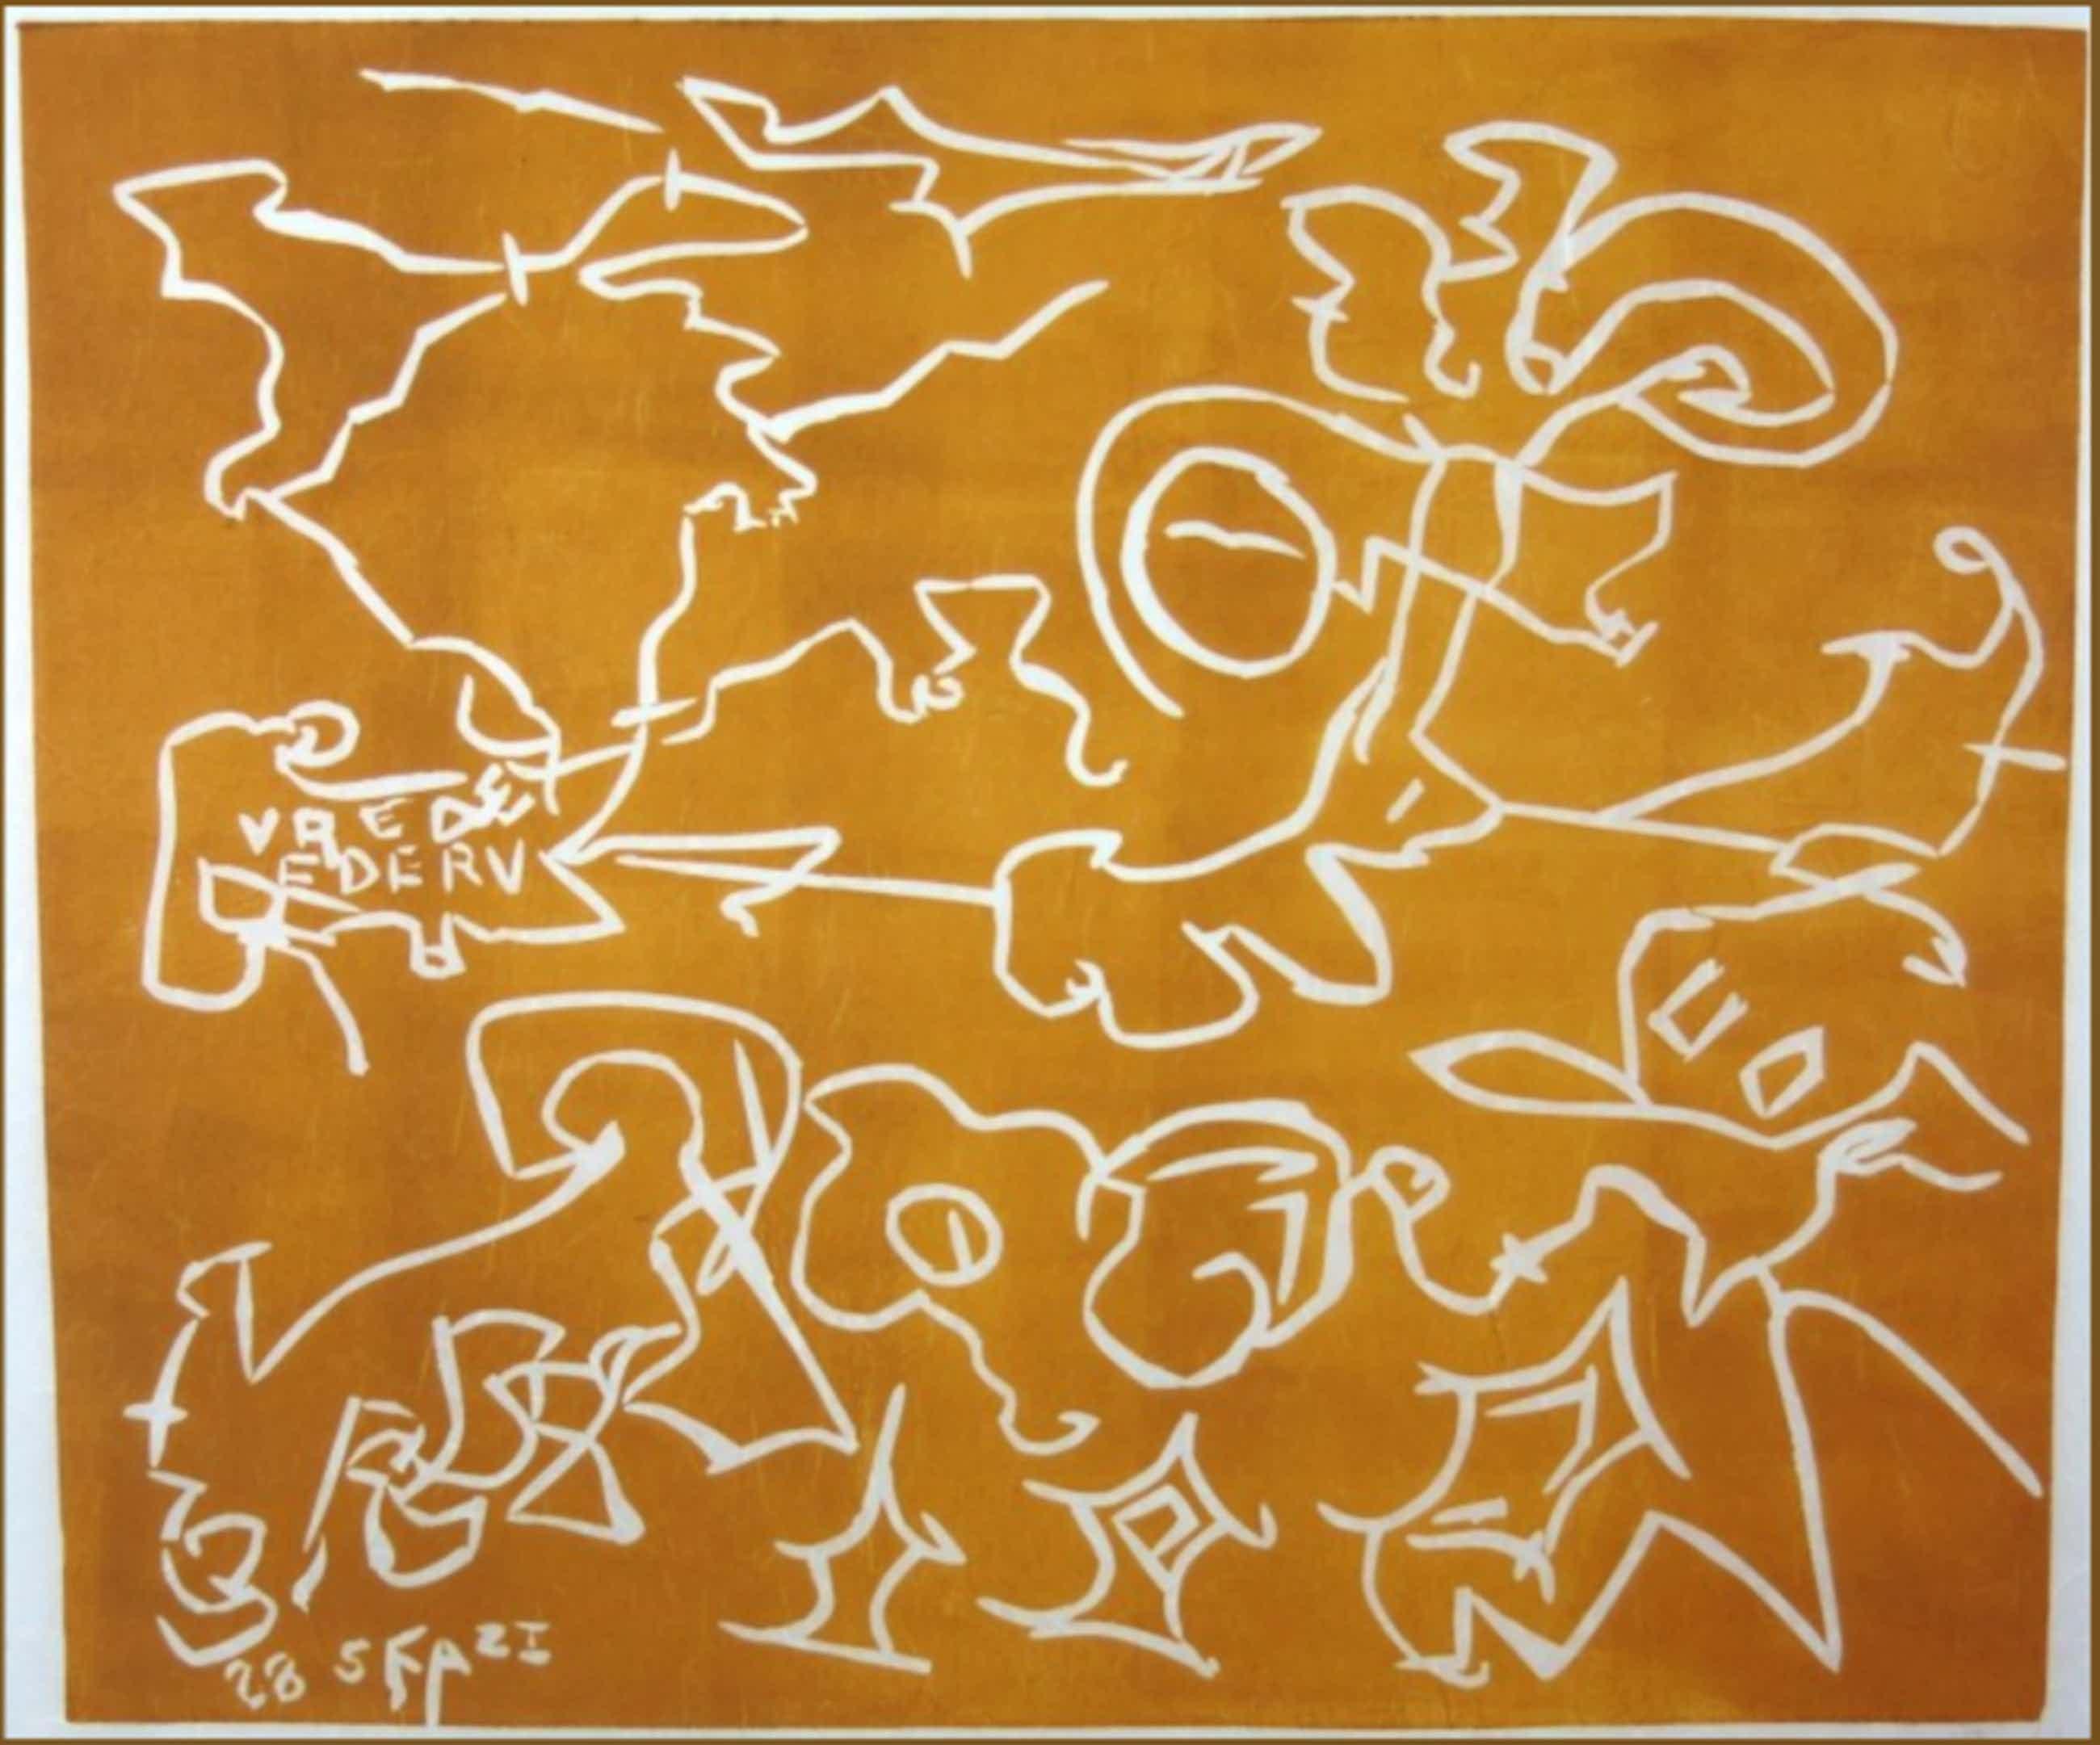 Wim Izaks: Lino op rijstpapier, Vrede oranje (groot) kopen? Bied vanaf 35!